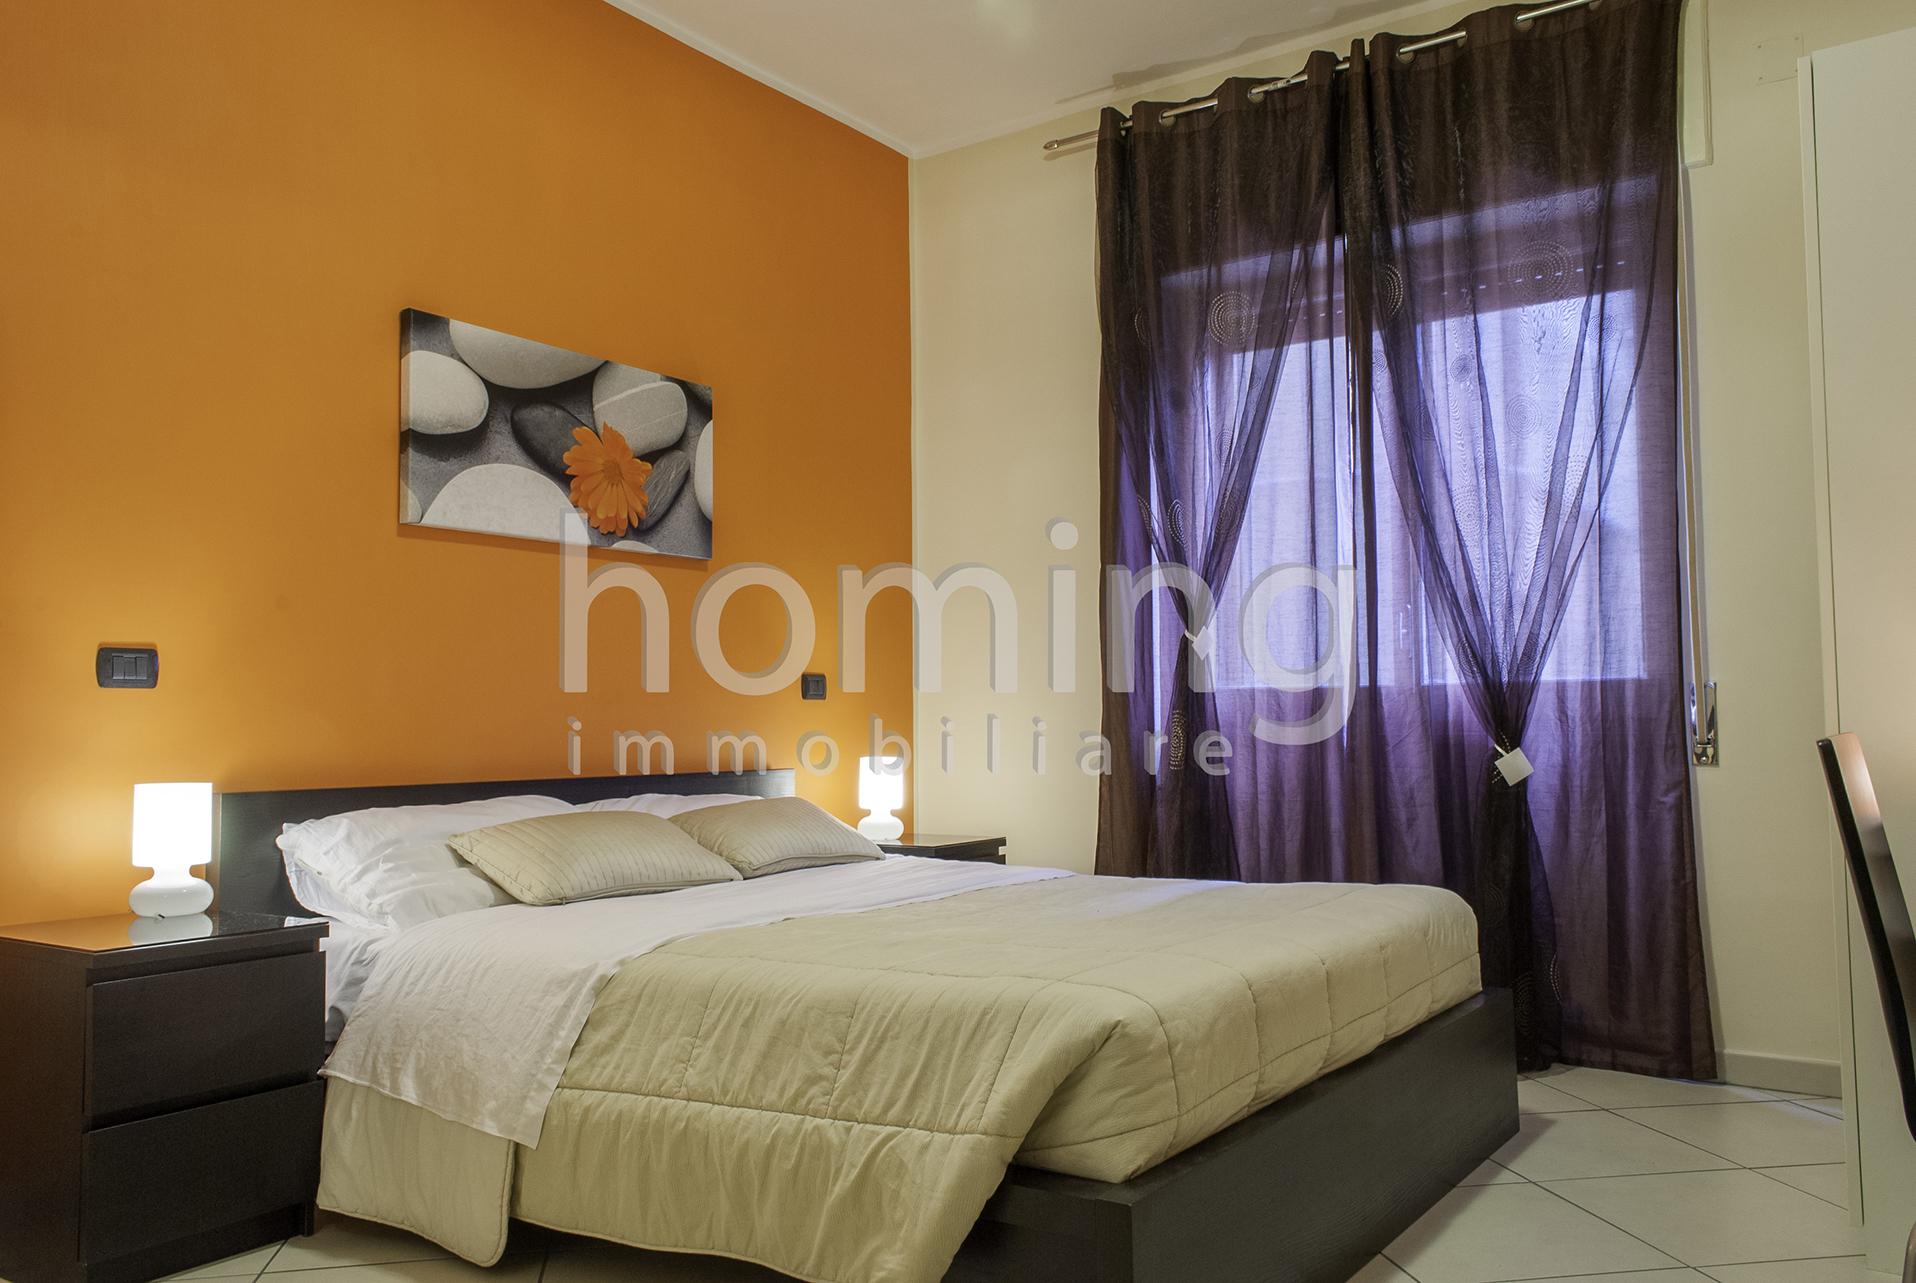 Homing Immobiliare Caserta Via Colombo 32 Affitto Affitti Affittasi Vende  Vendesi Vendita Appartamento Casa Monolocale Bilocale Arredato Quadrilocale  (1)